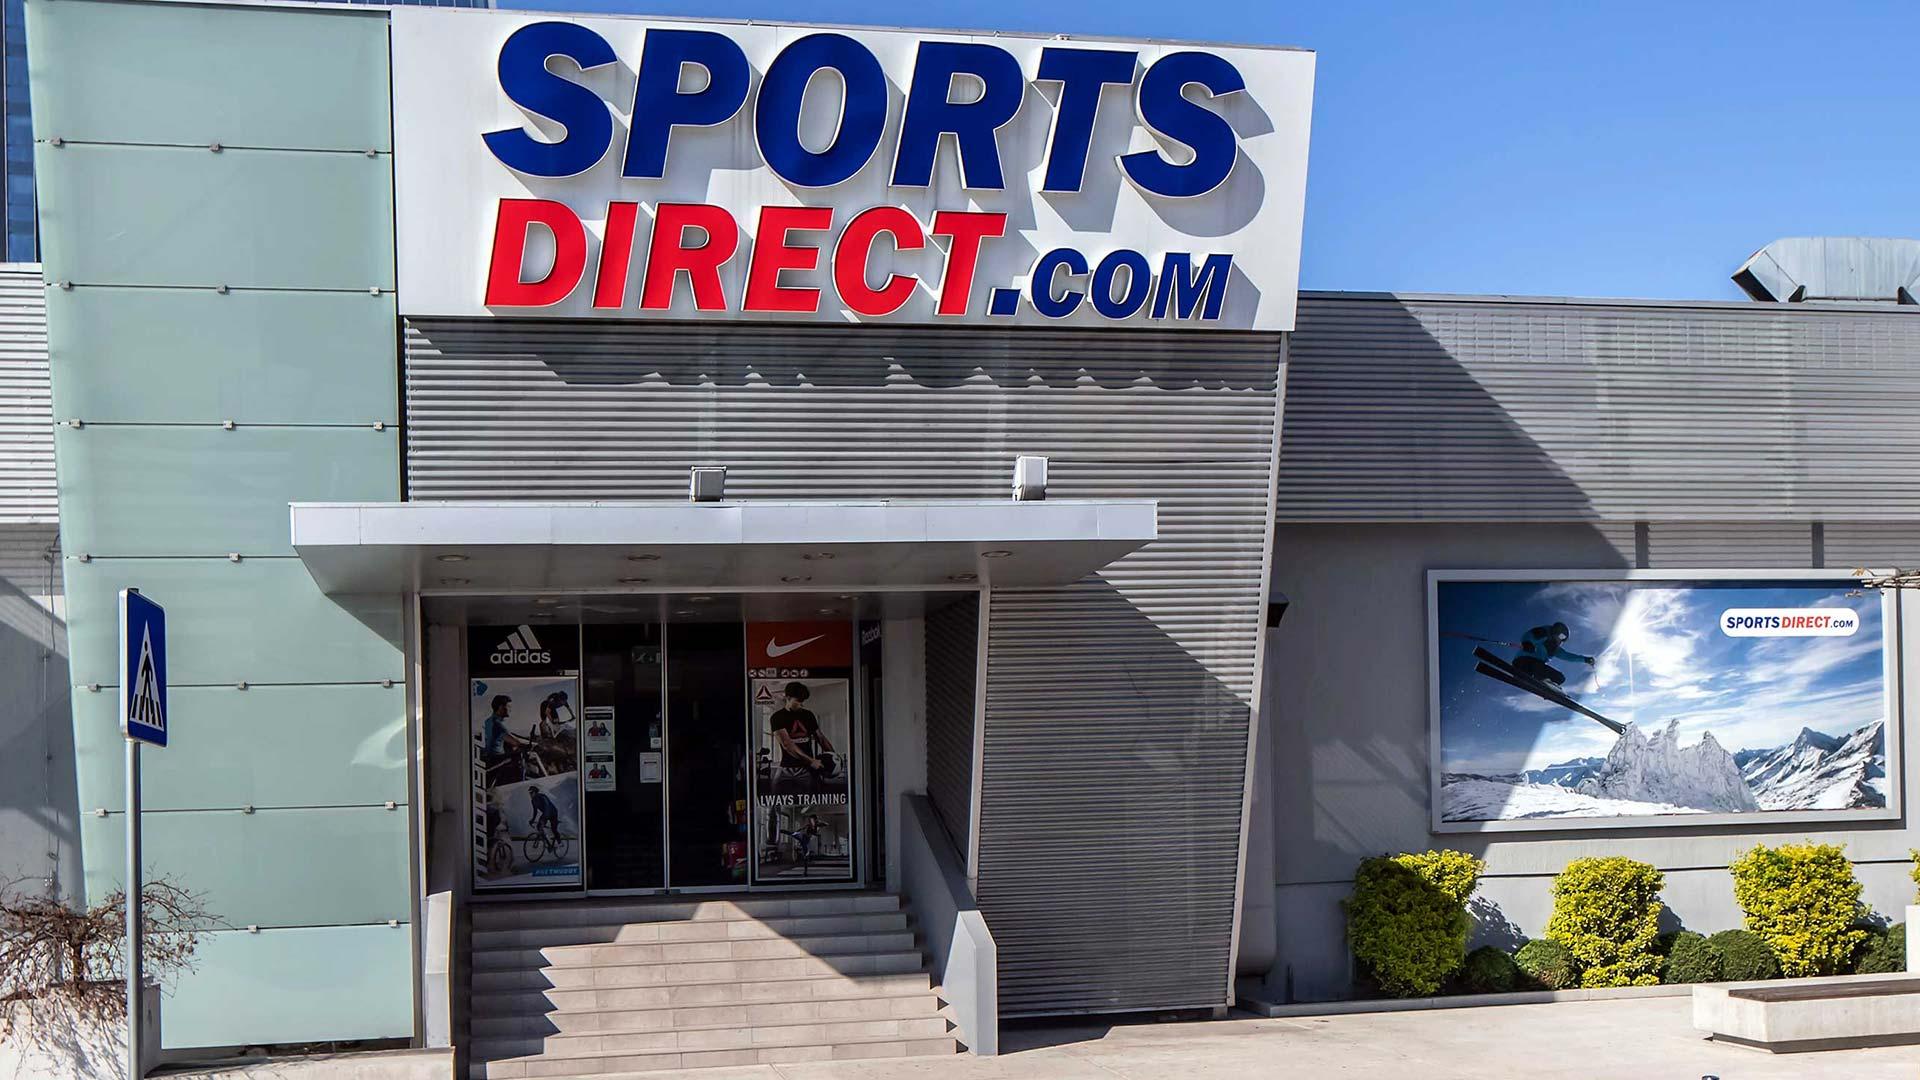 270-hero-Sportsdirect-com